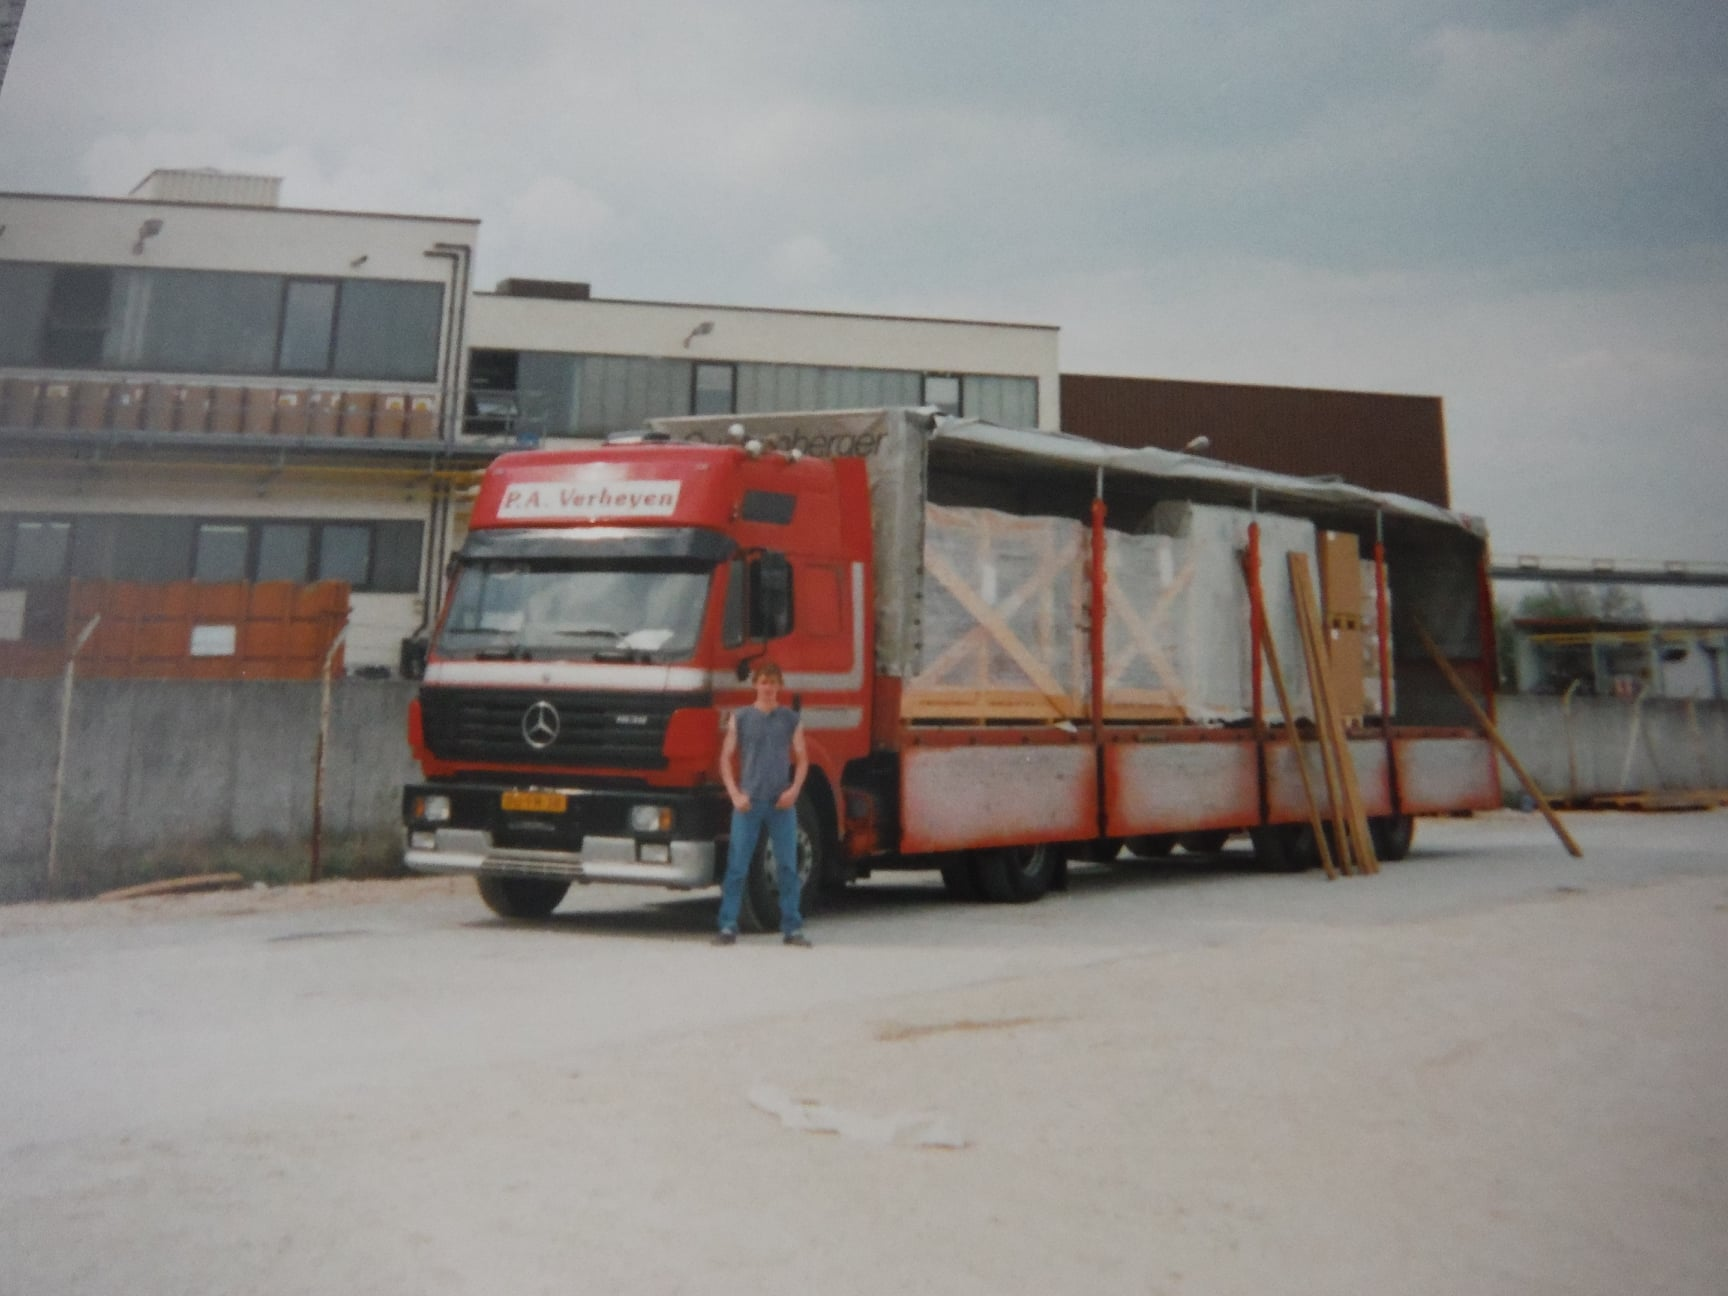 Jan-van-Leendert-25-jaar-geleden--Ik-deed-lijndienst-Venlo-Salzburg--(2)